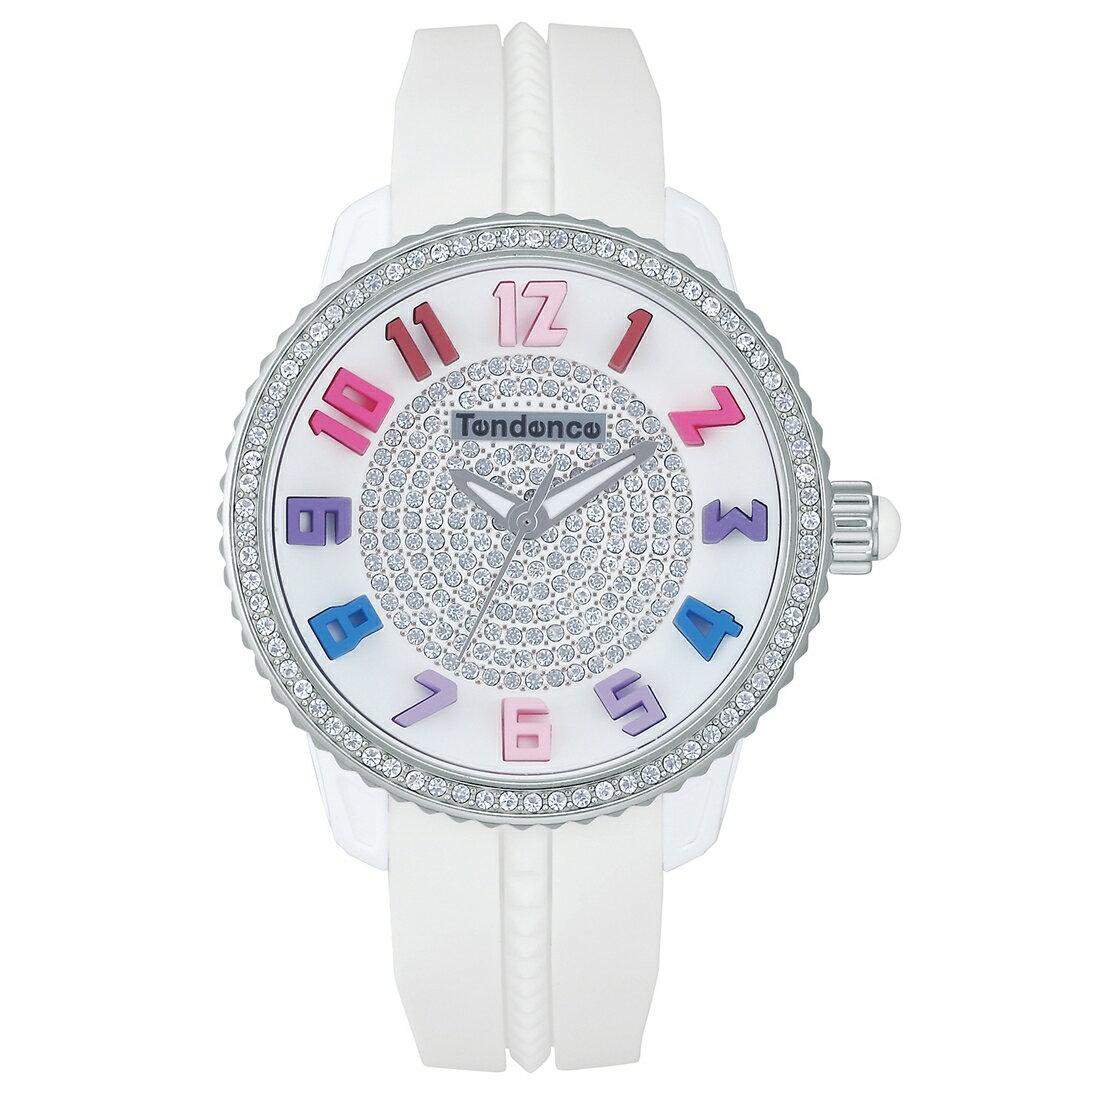 【正規品】 Tendence 【テンデンス】 TG930107R ガリバー レインボー ミディアム 日本限定モデル 【腕時計】